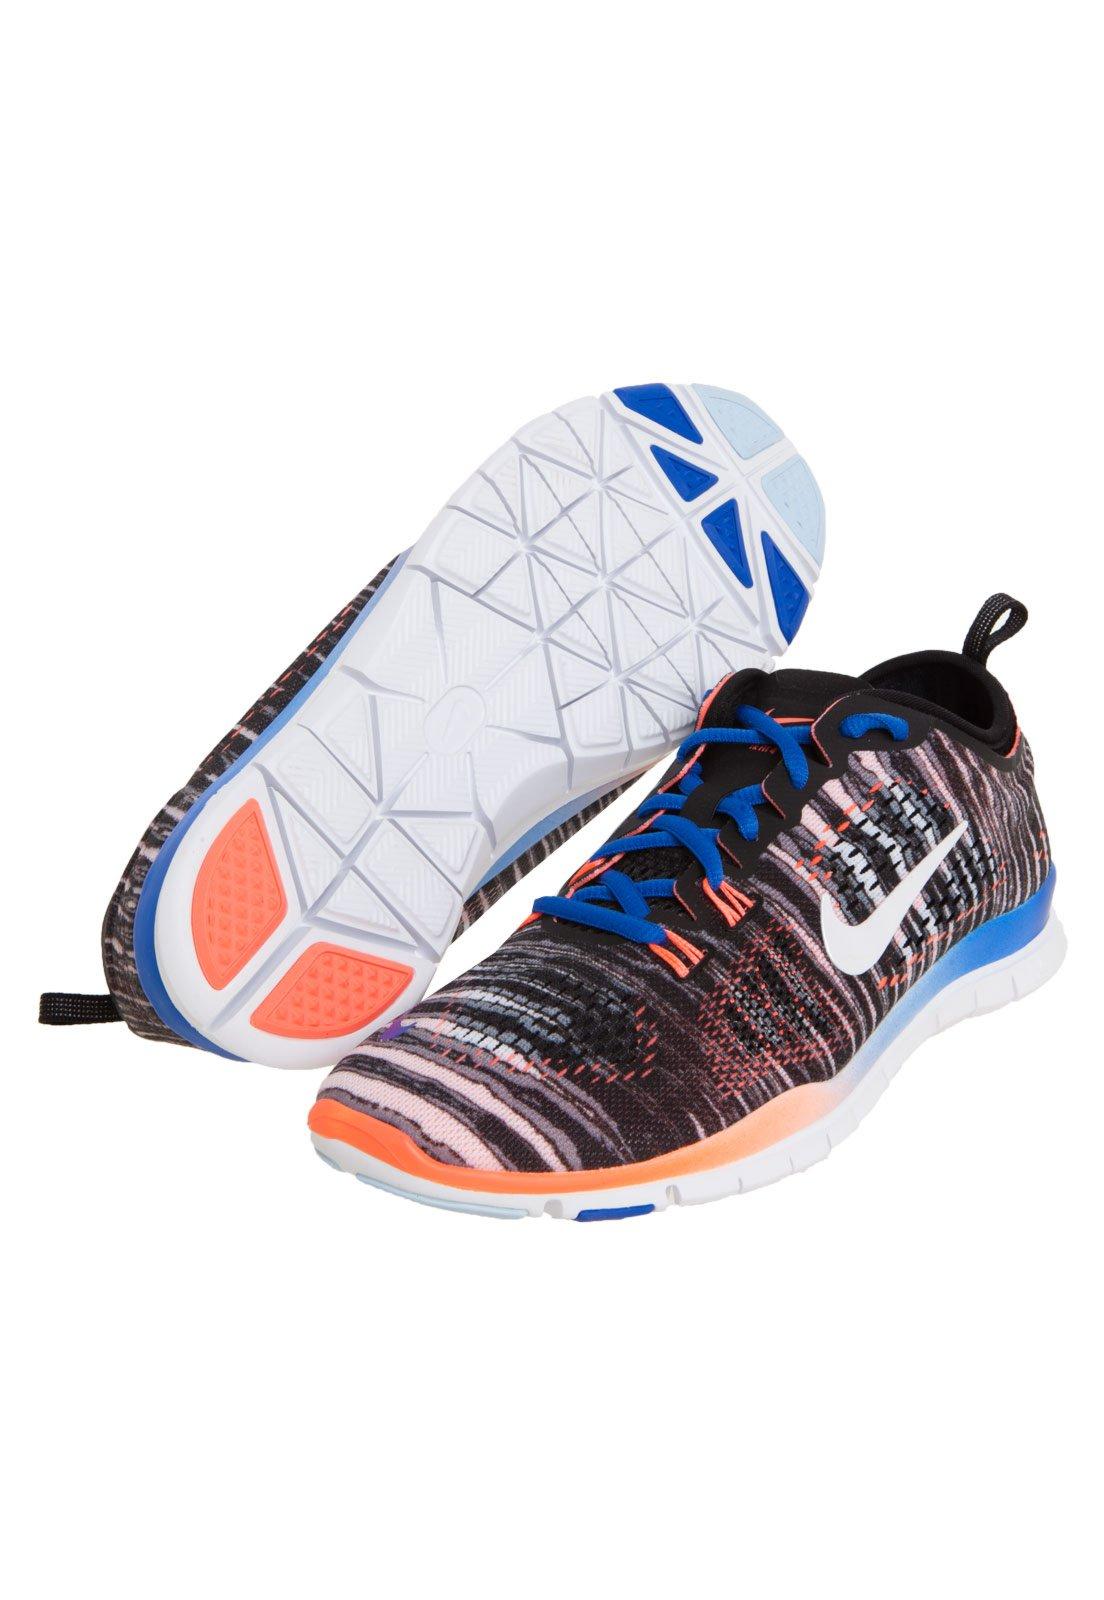 Privación Residente Elaborar  Tênis Nike Free 5.0 TR Fit 4 Preto - Compre Agora | Dafiti Brasil